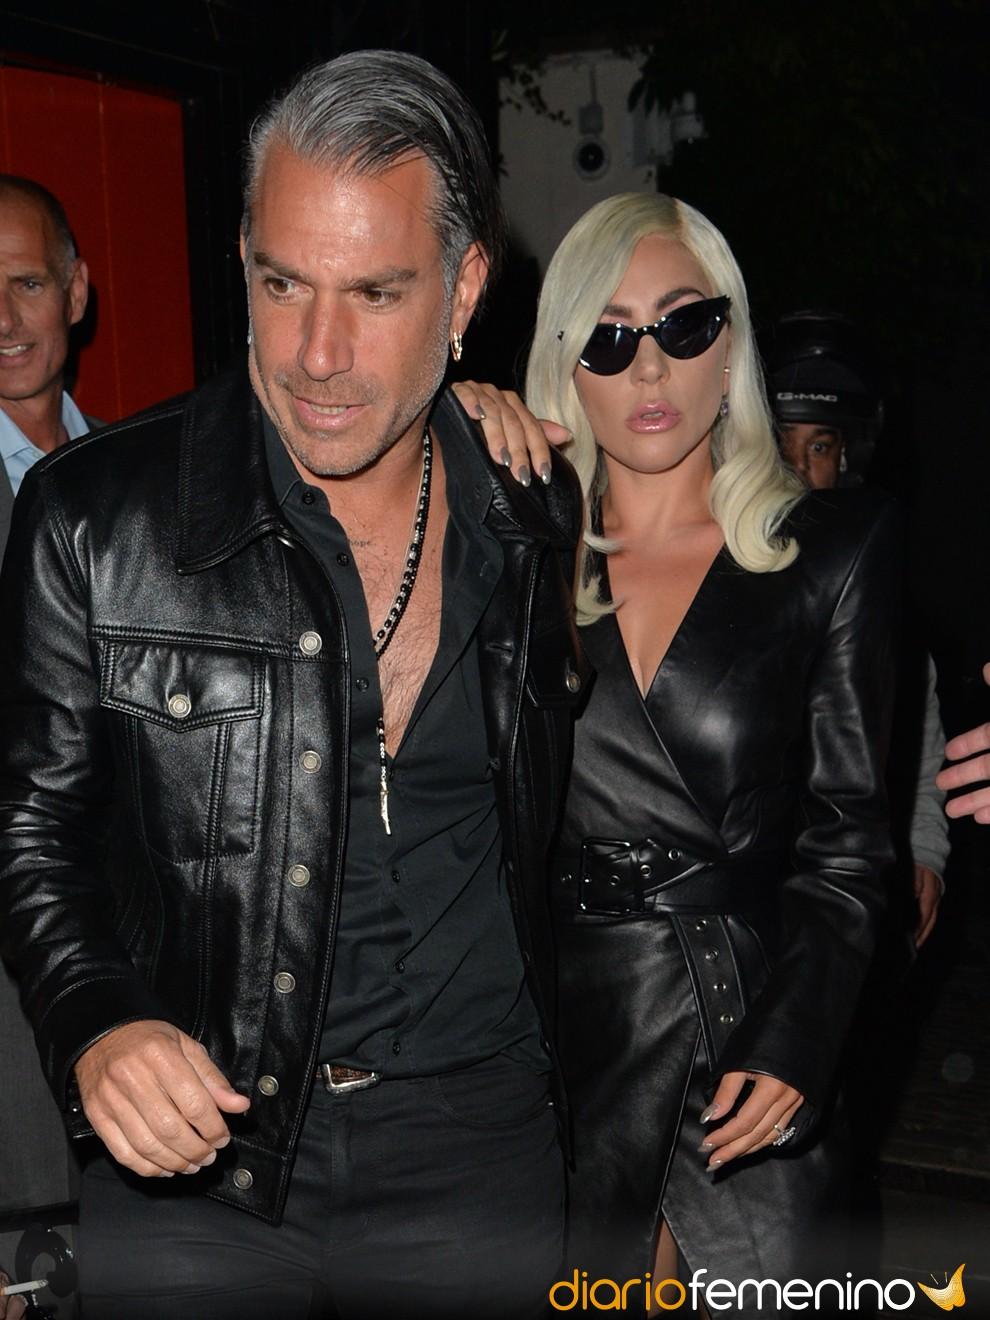 Lady Gaga y Christian Carino pasarán por el altar en 2019